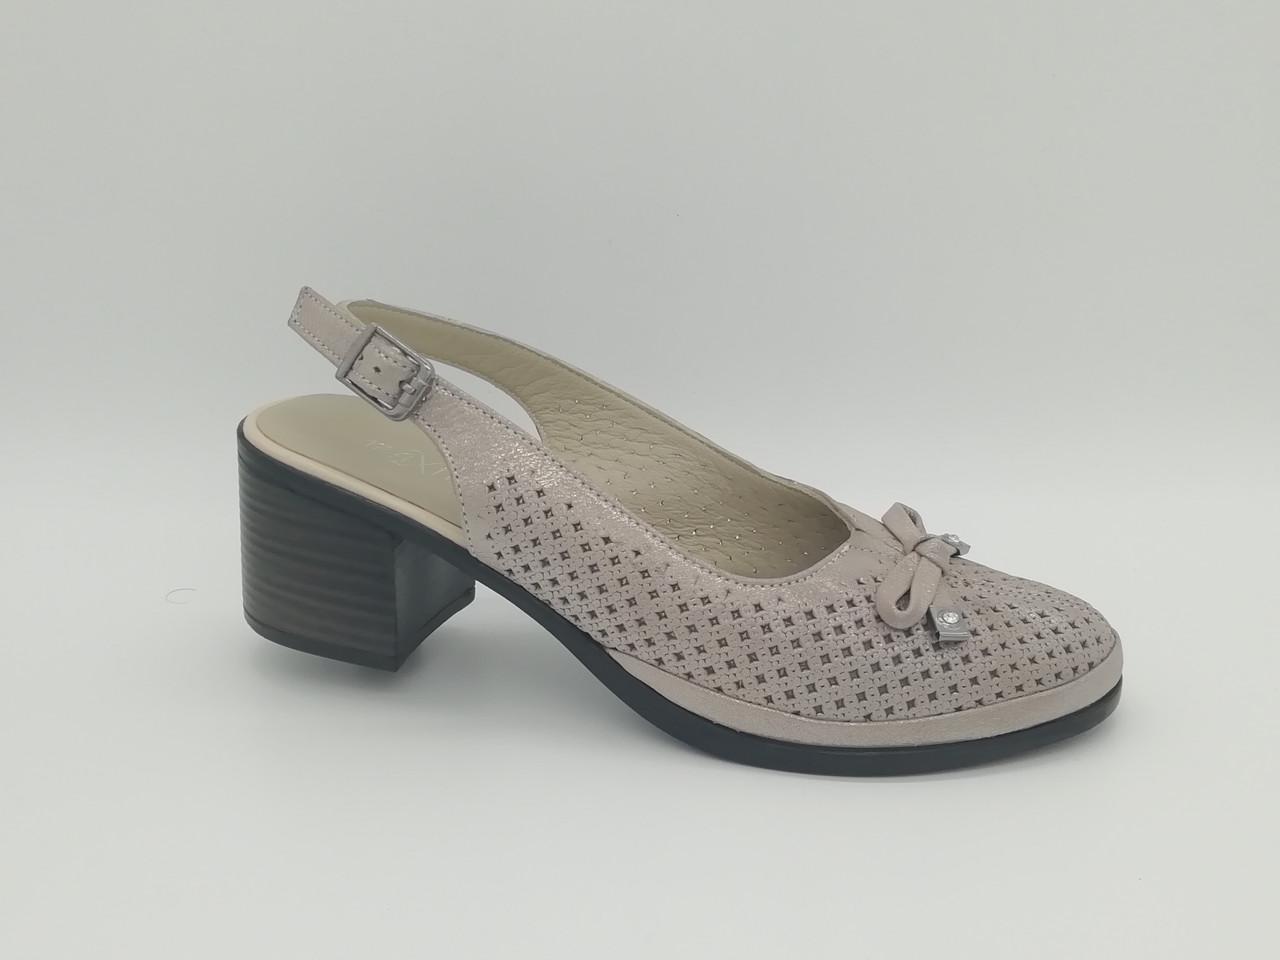 Кожаные босоножки на каблуке. Большие размеры ( 41 - 43 ). Турция.